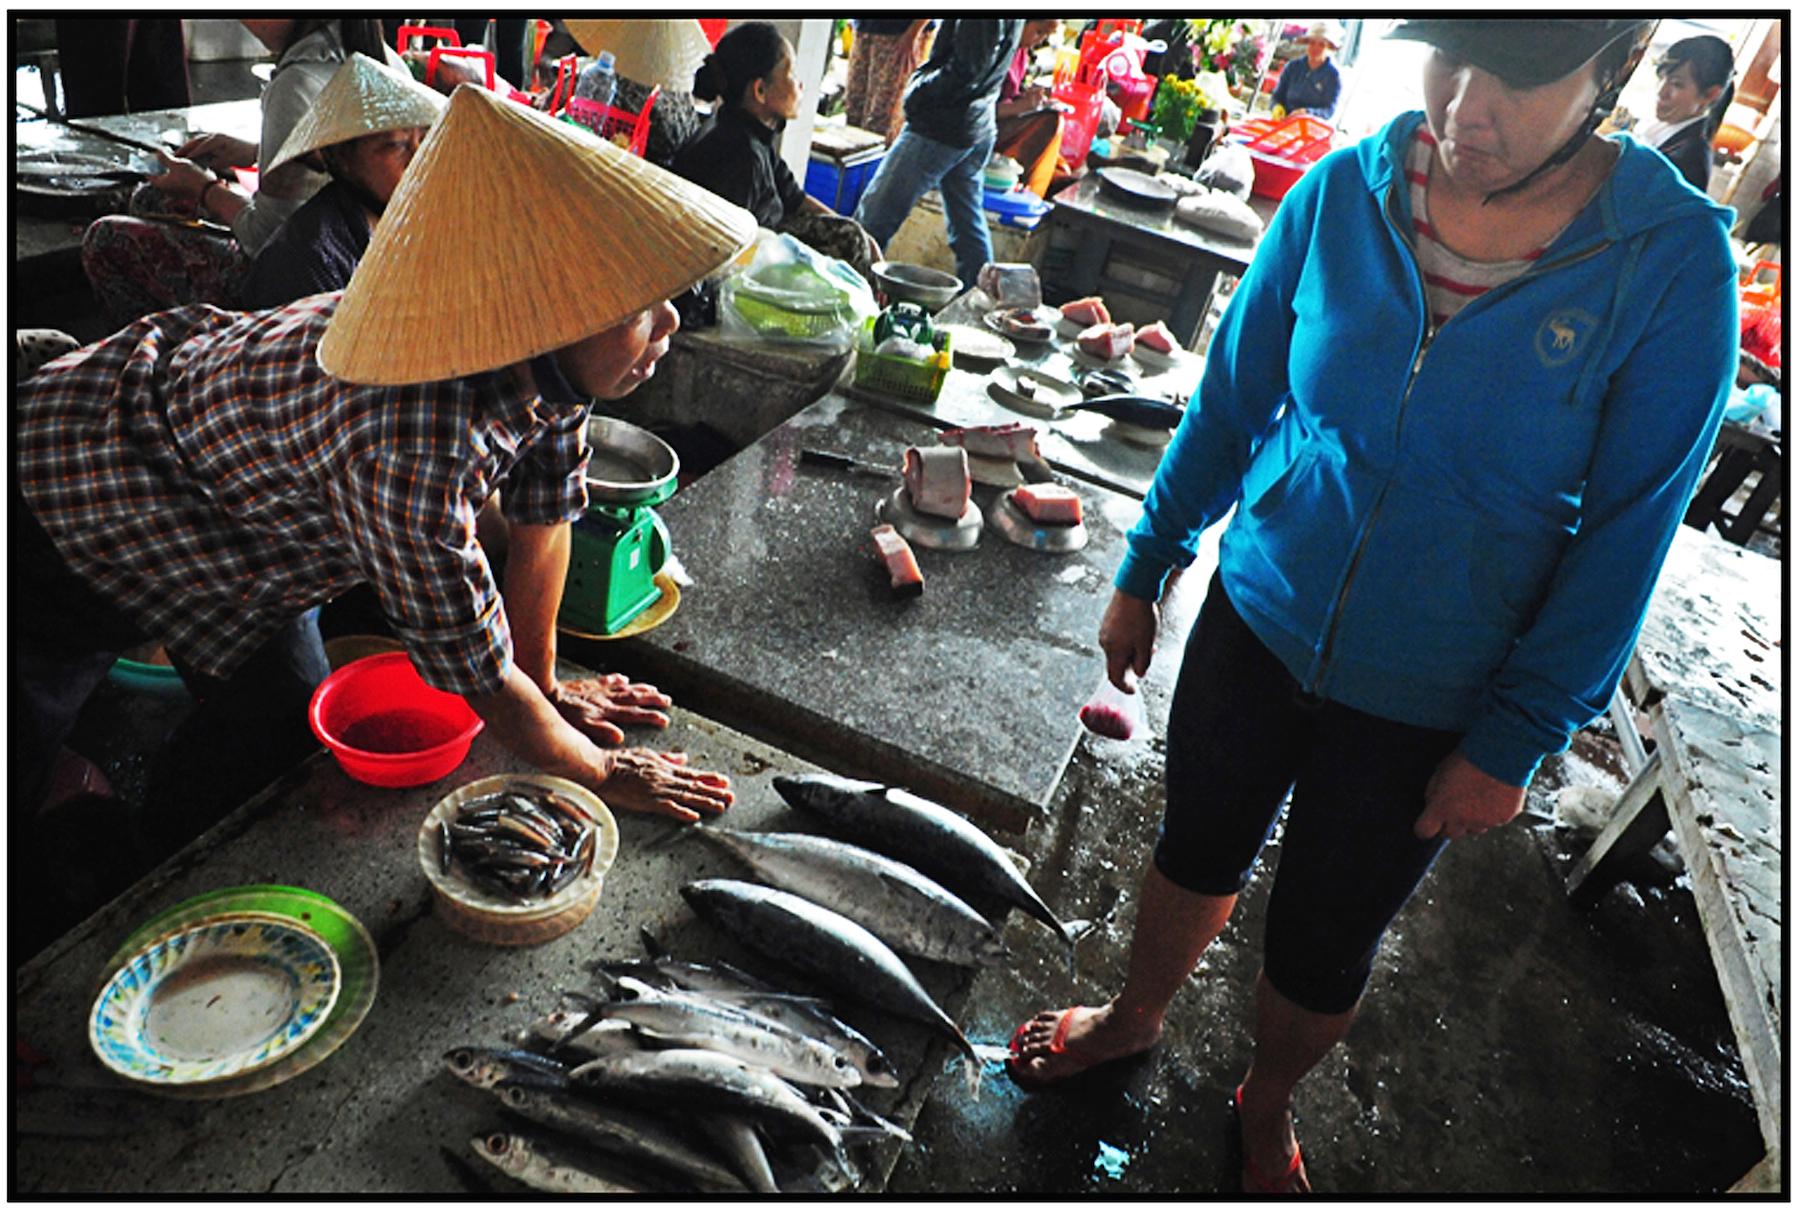 Hoi An Market, March 2015. #9975